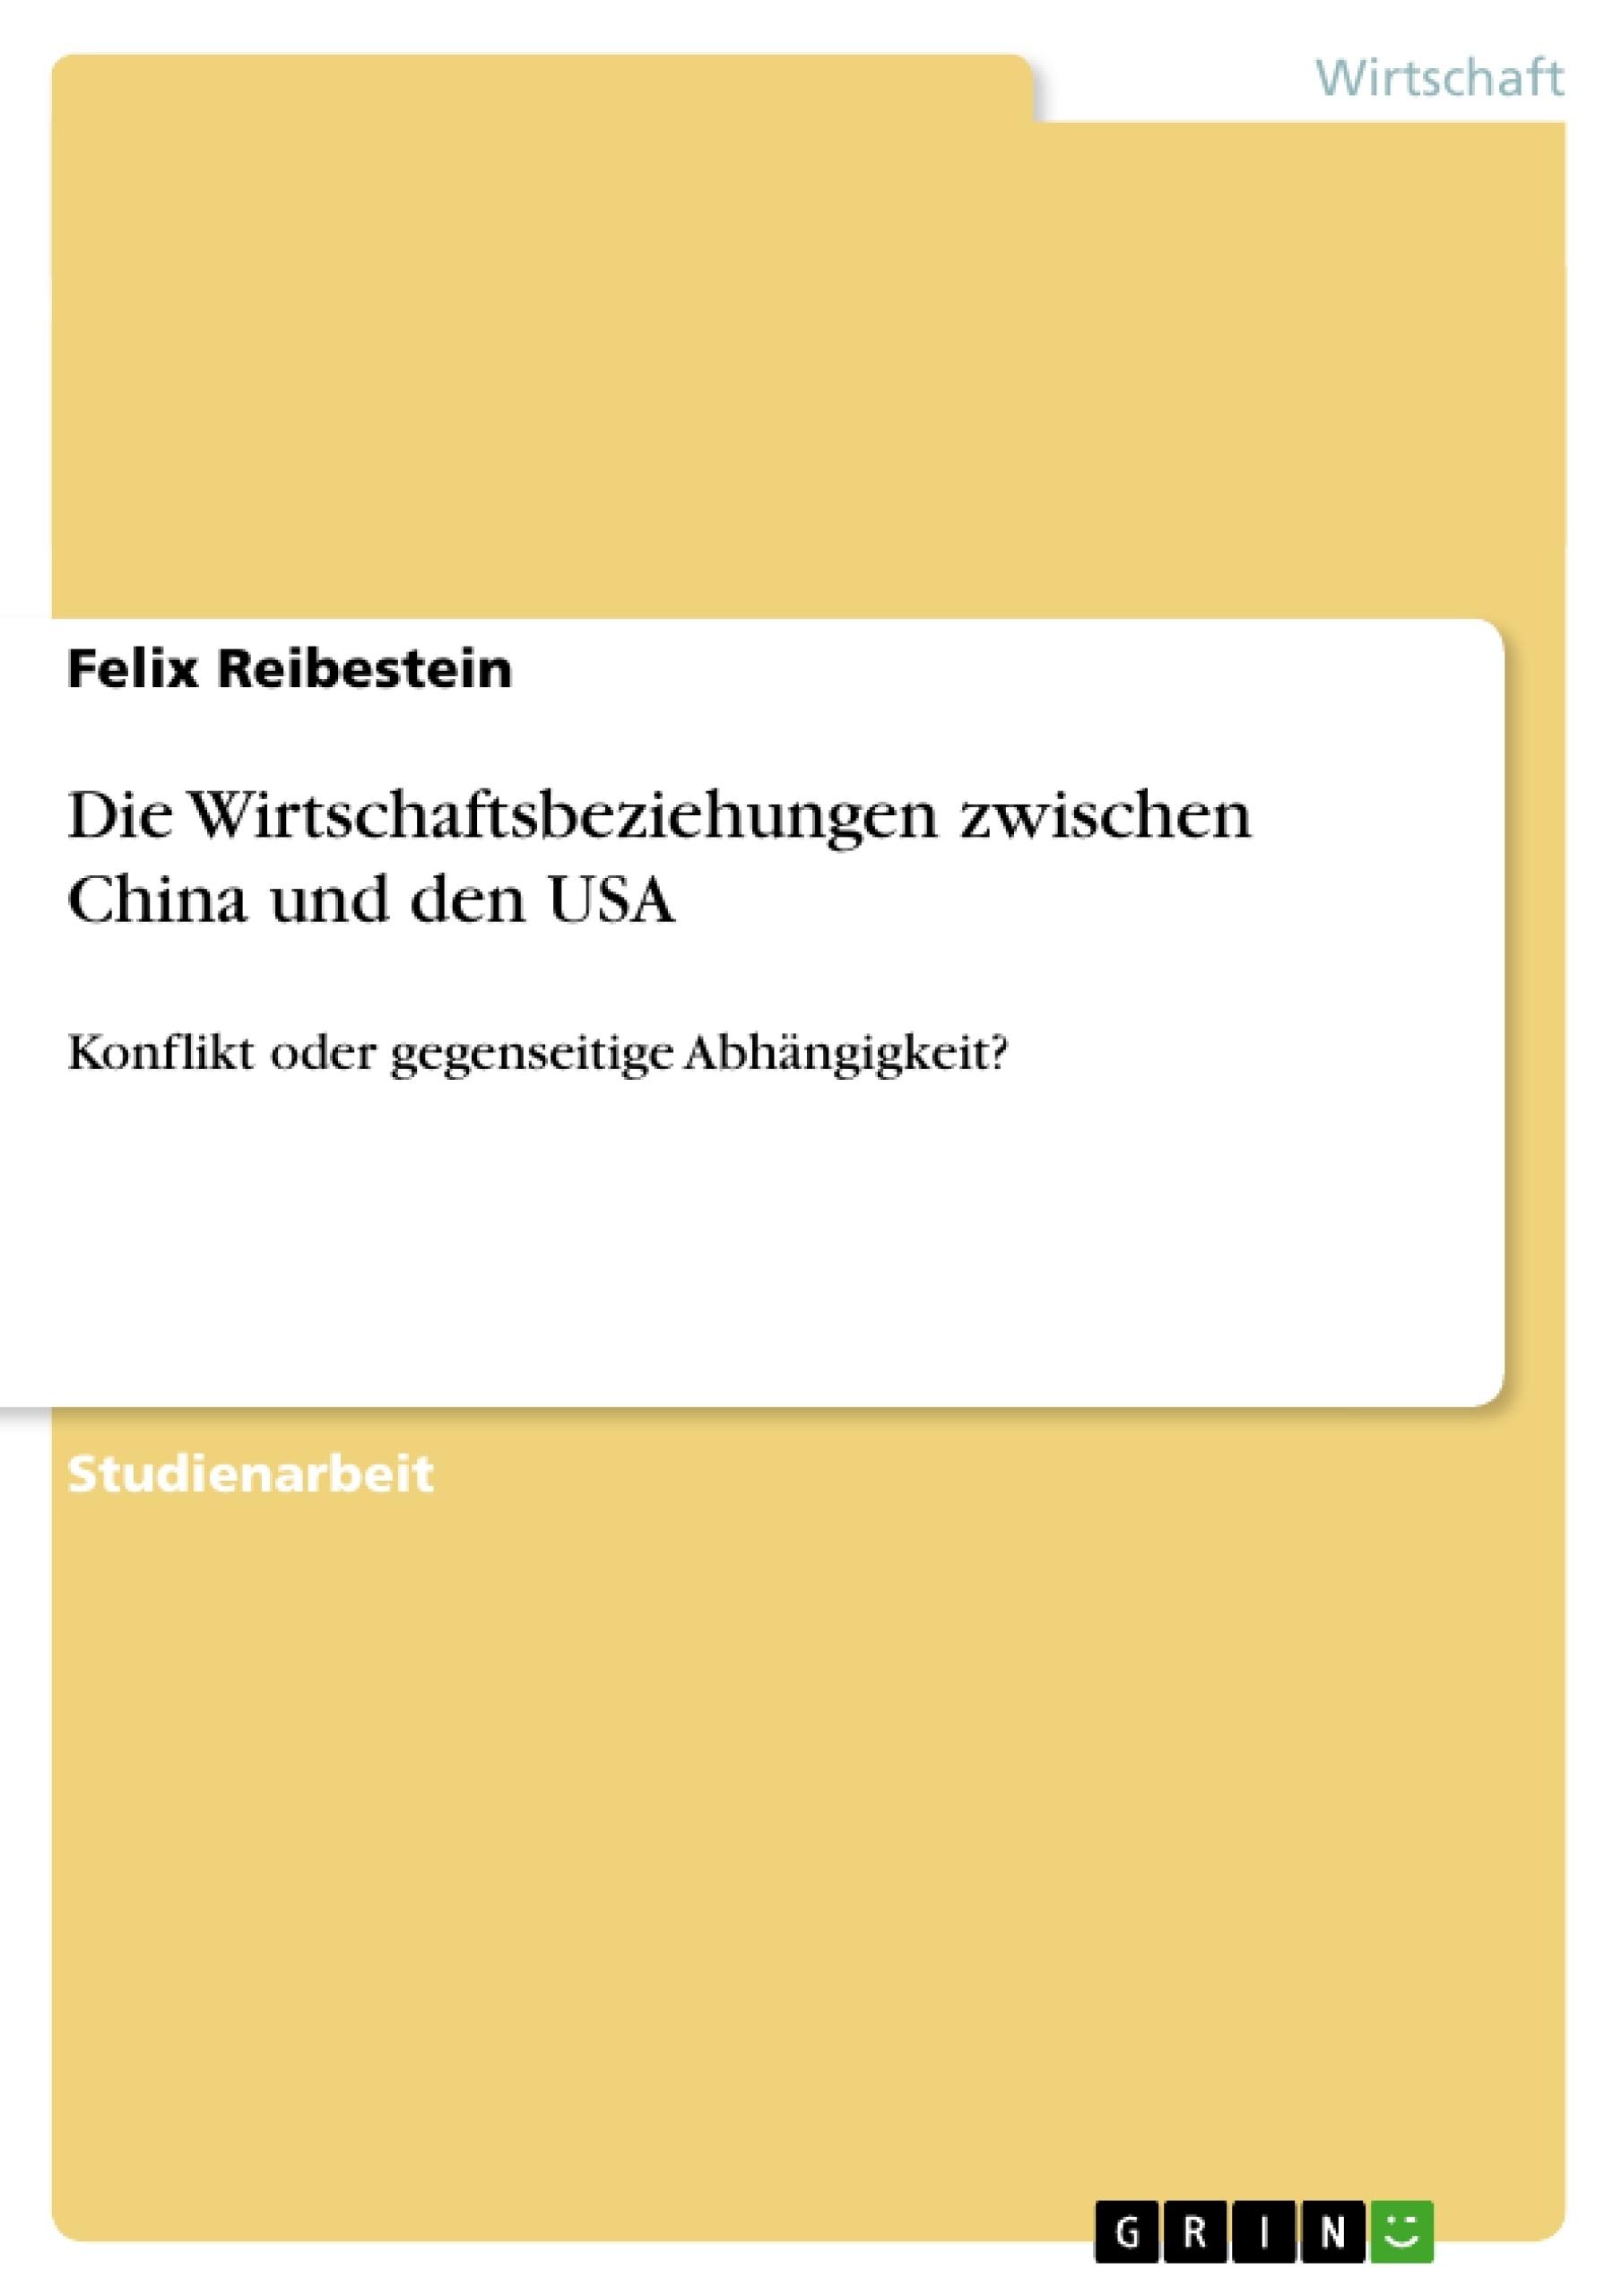 Titel: Die Wirtschaftsbeziehungen zwischen China und den USA